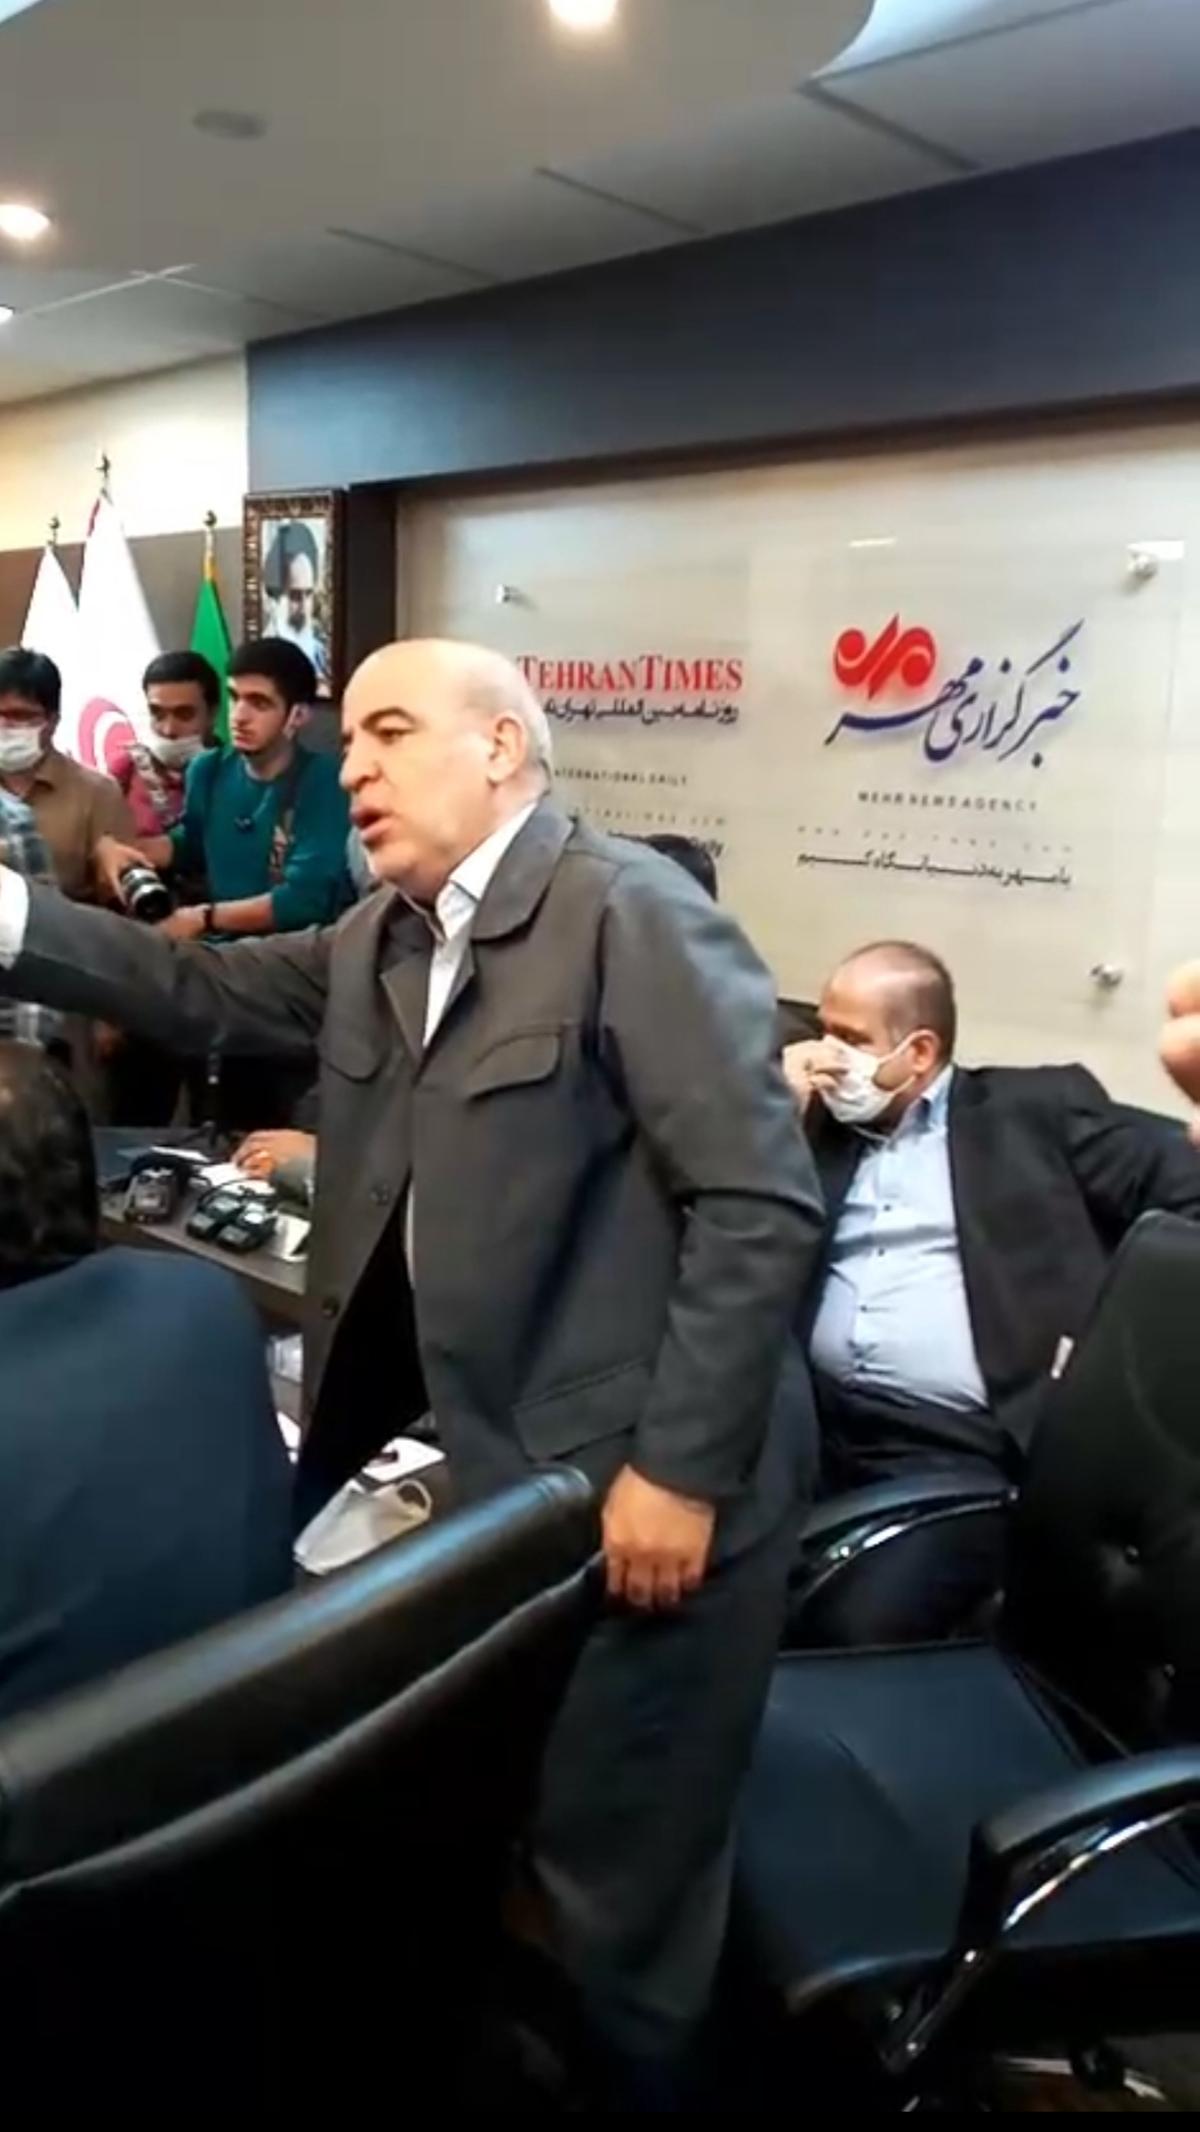 درگیری در جلسه رسانه ای بررسی اعتبار نامه تاجگردون که در خبرگزاری مهر انجام میشد + ویدئو